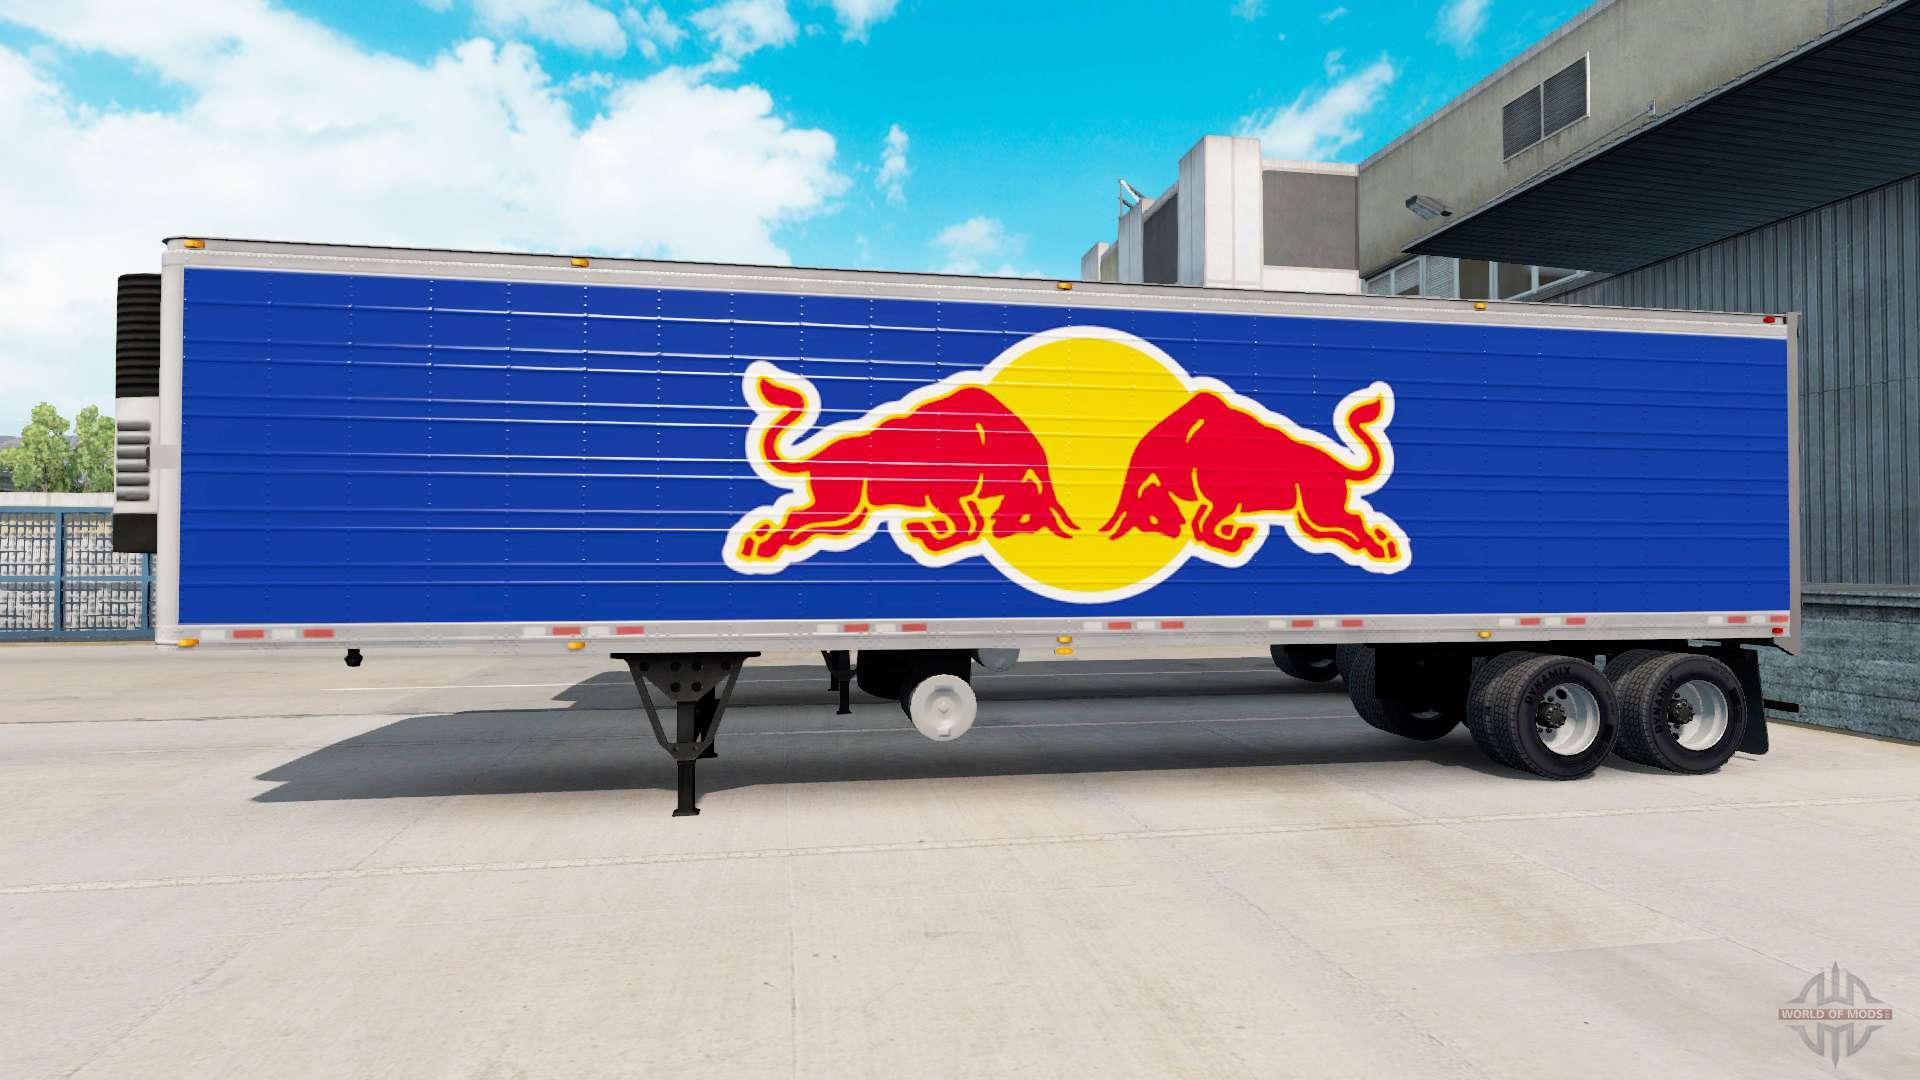 Kühlschrank Von Red Bull : Haut red bull auf den anhänger der kühlschrank für american truck